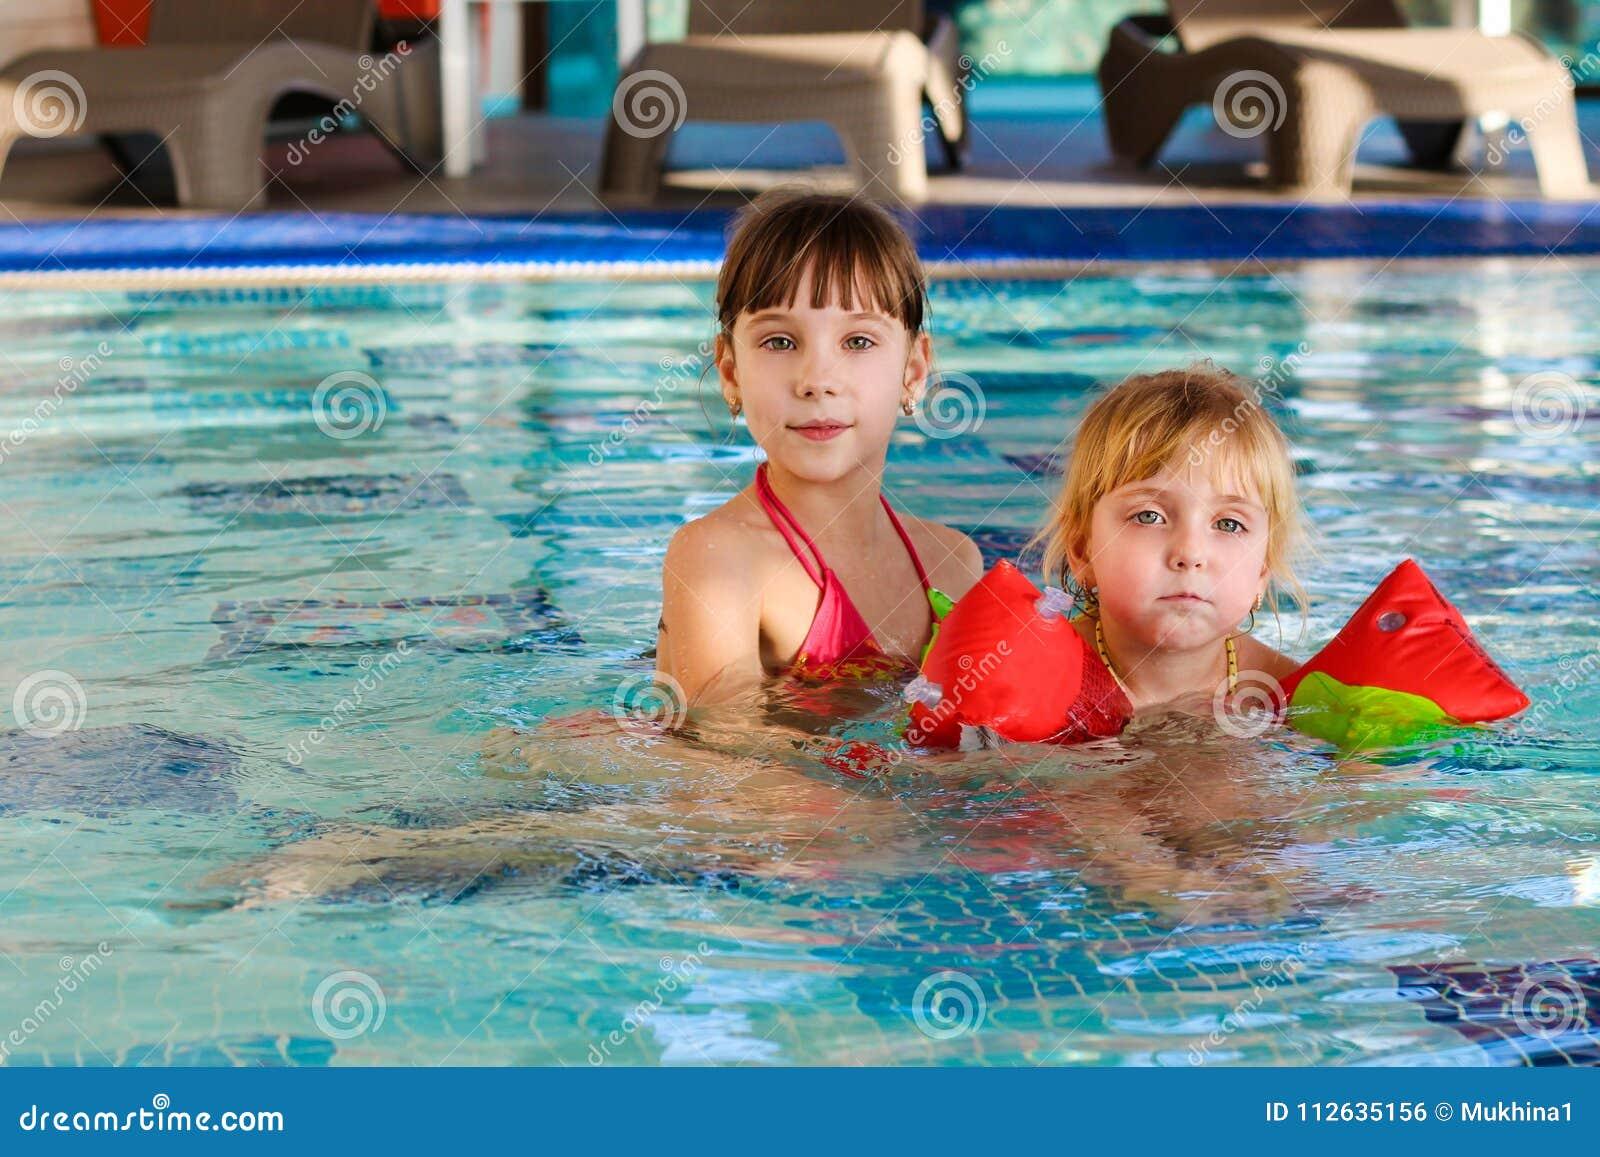 6447fc5cd95231 Meisjes Die In De Pool Zwemmen Stock Foto - Afbeelding bestaande uit ...